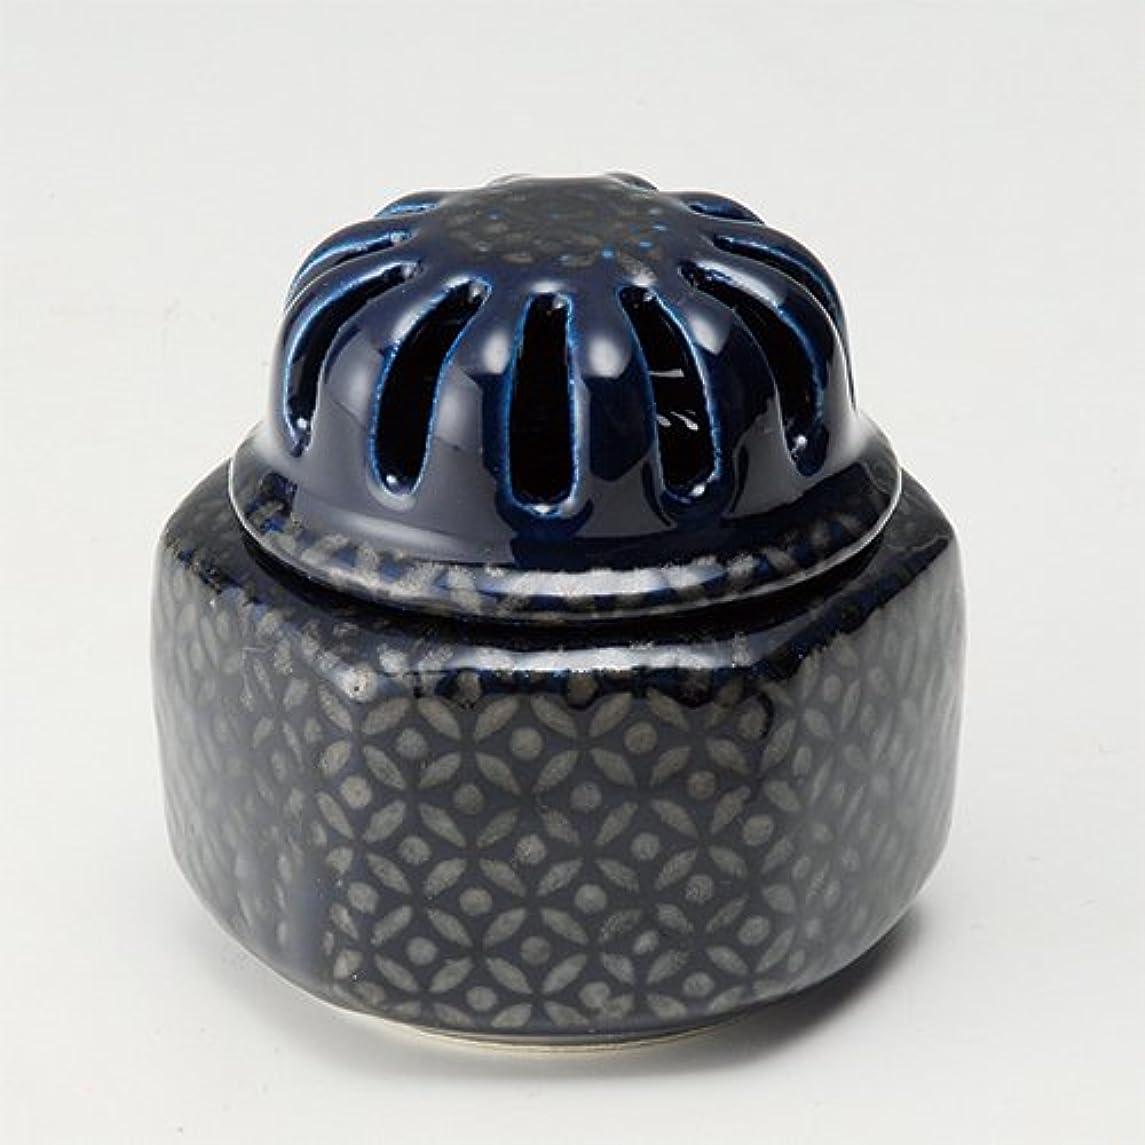 メルボルン新年非難する香炉 瑠璃七宝 福香炉 [R8.8xH8.7cm] プレゼント ギフト 和食器 かわいい インテリア